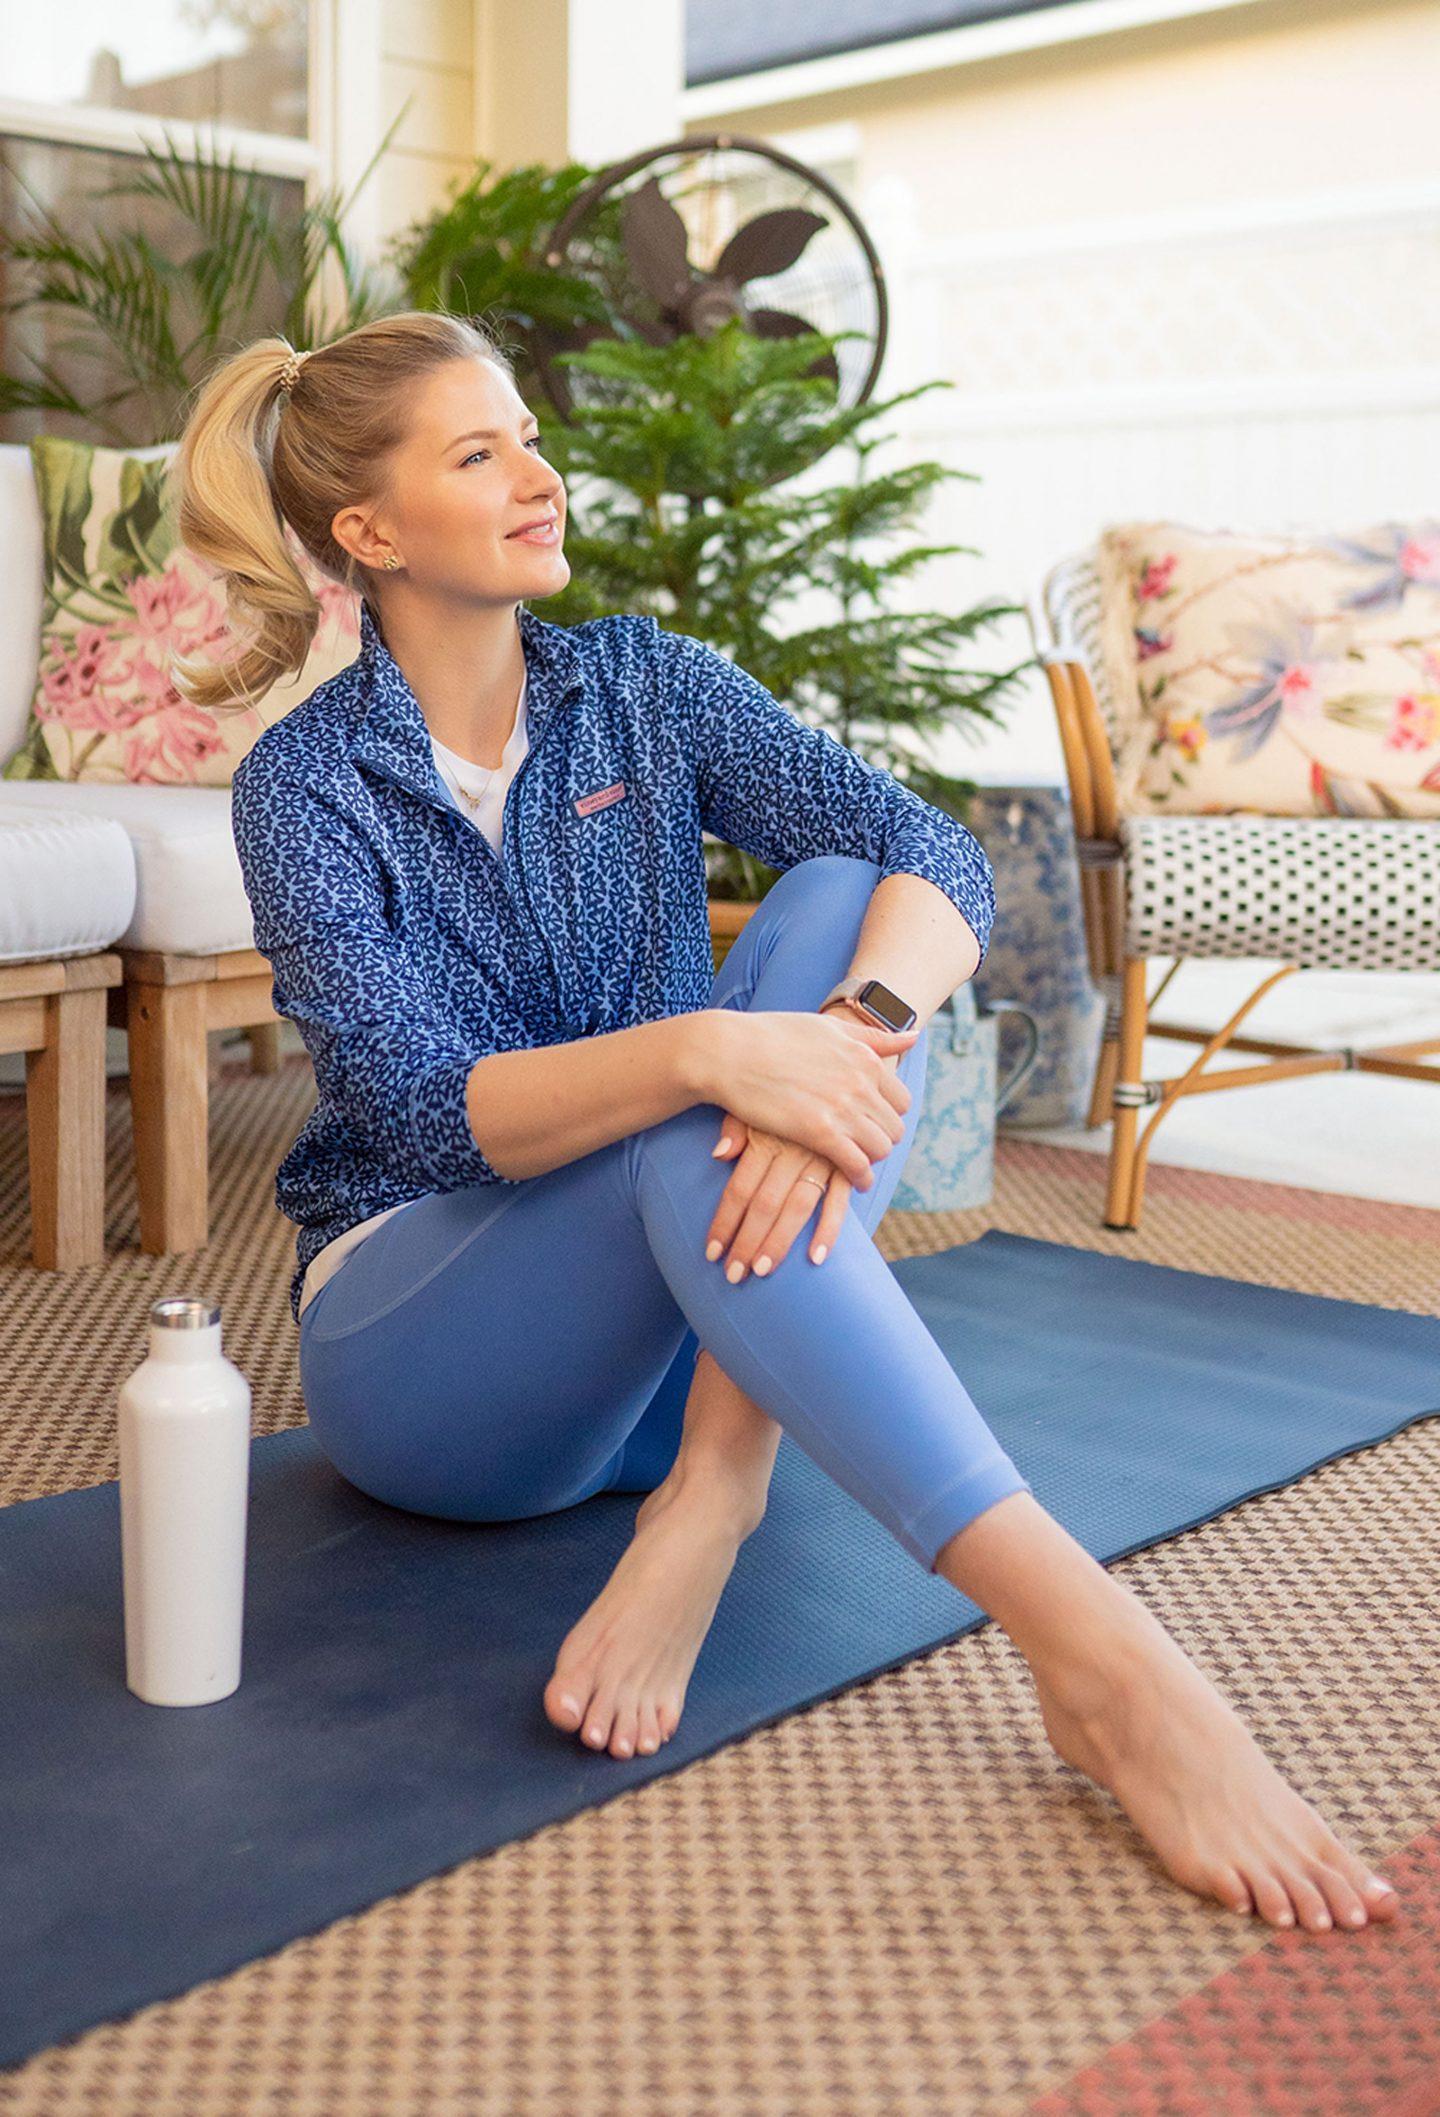 Ashley Brooke in Vineyard Vines workout gear